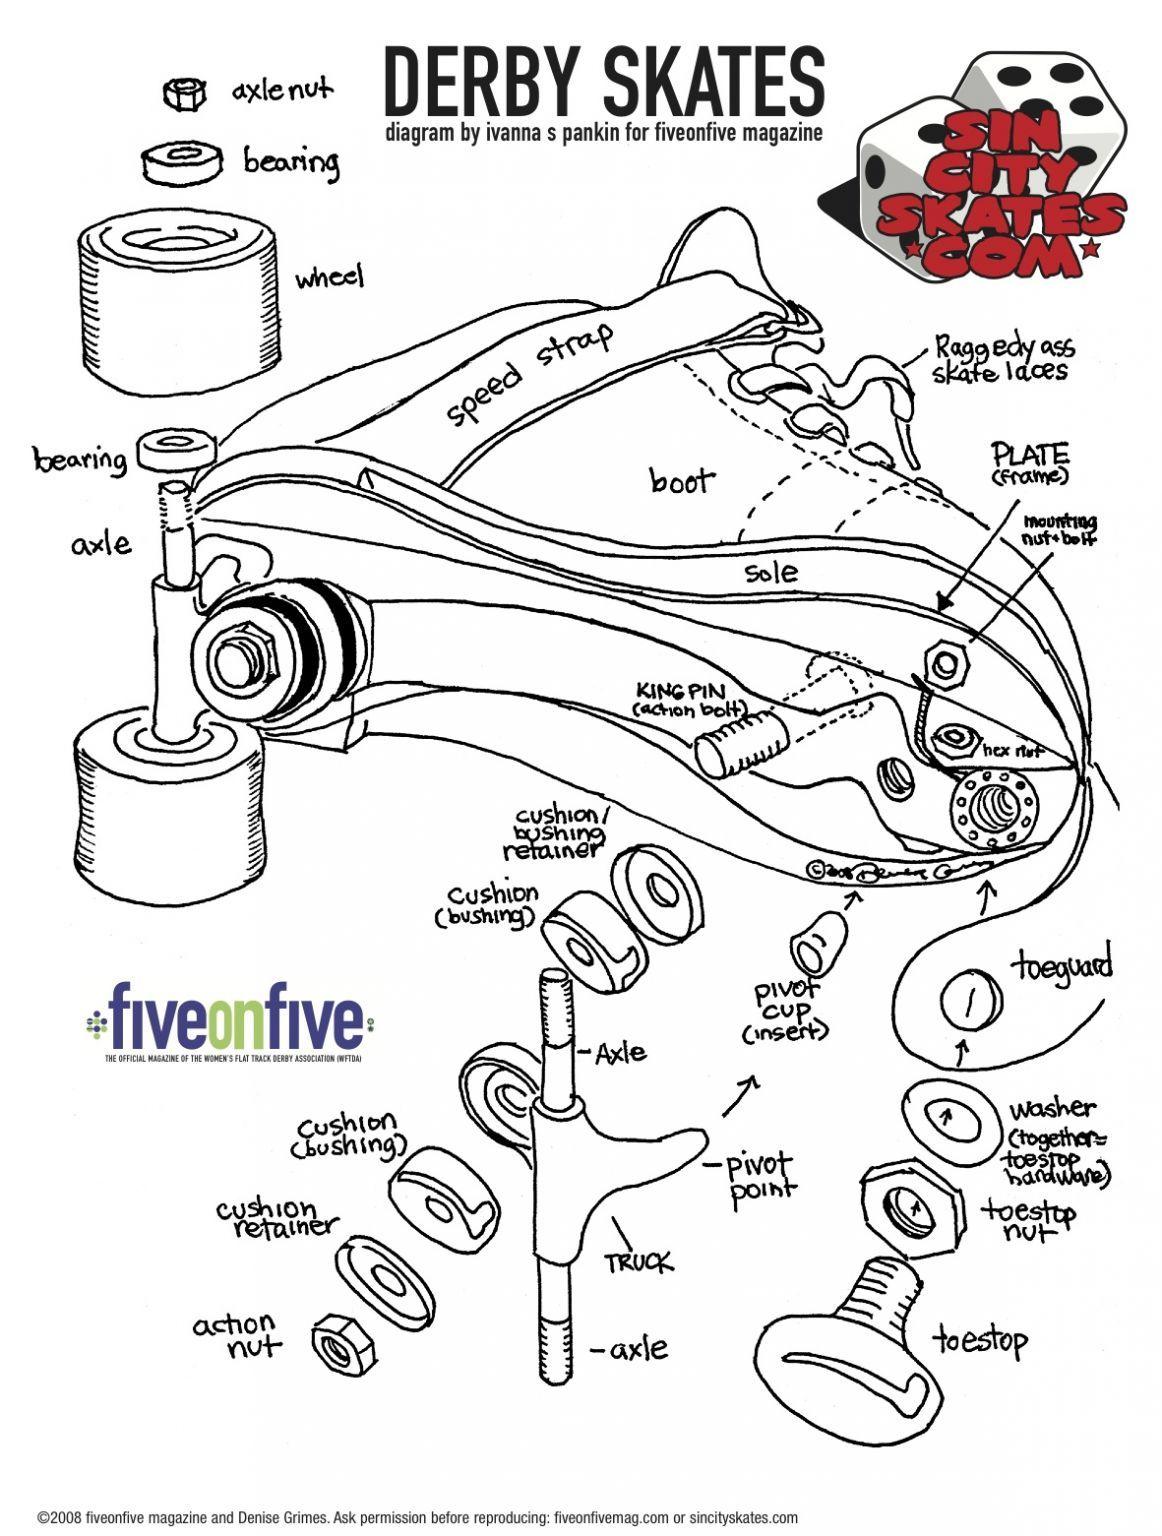 Anatomy Of A Derby Skate